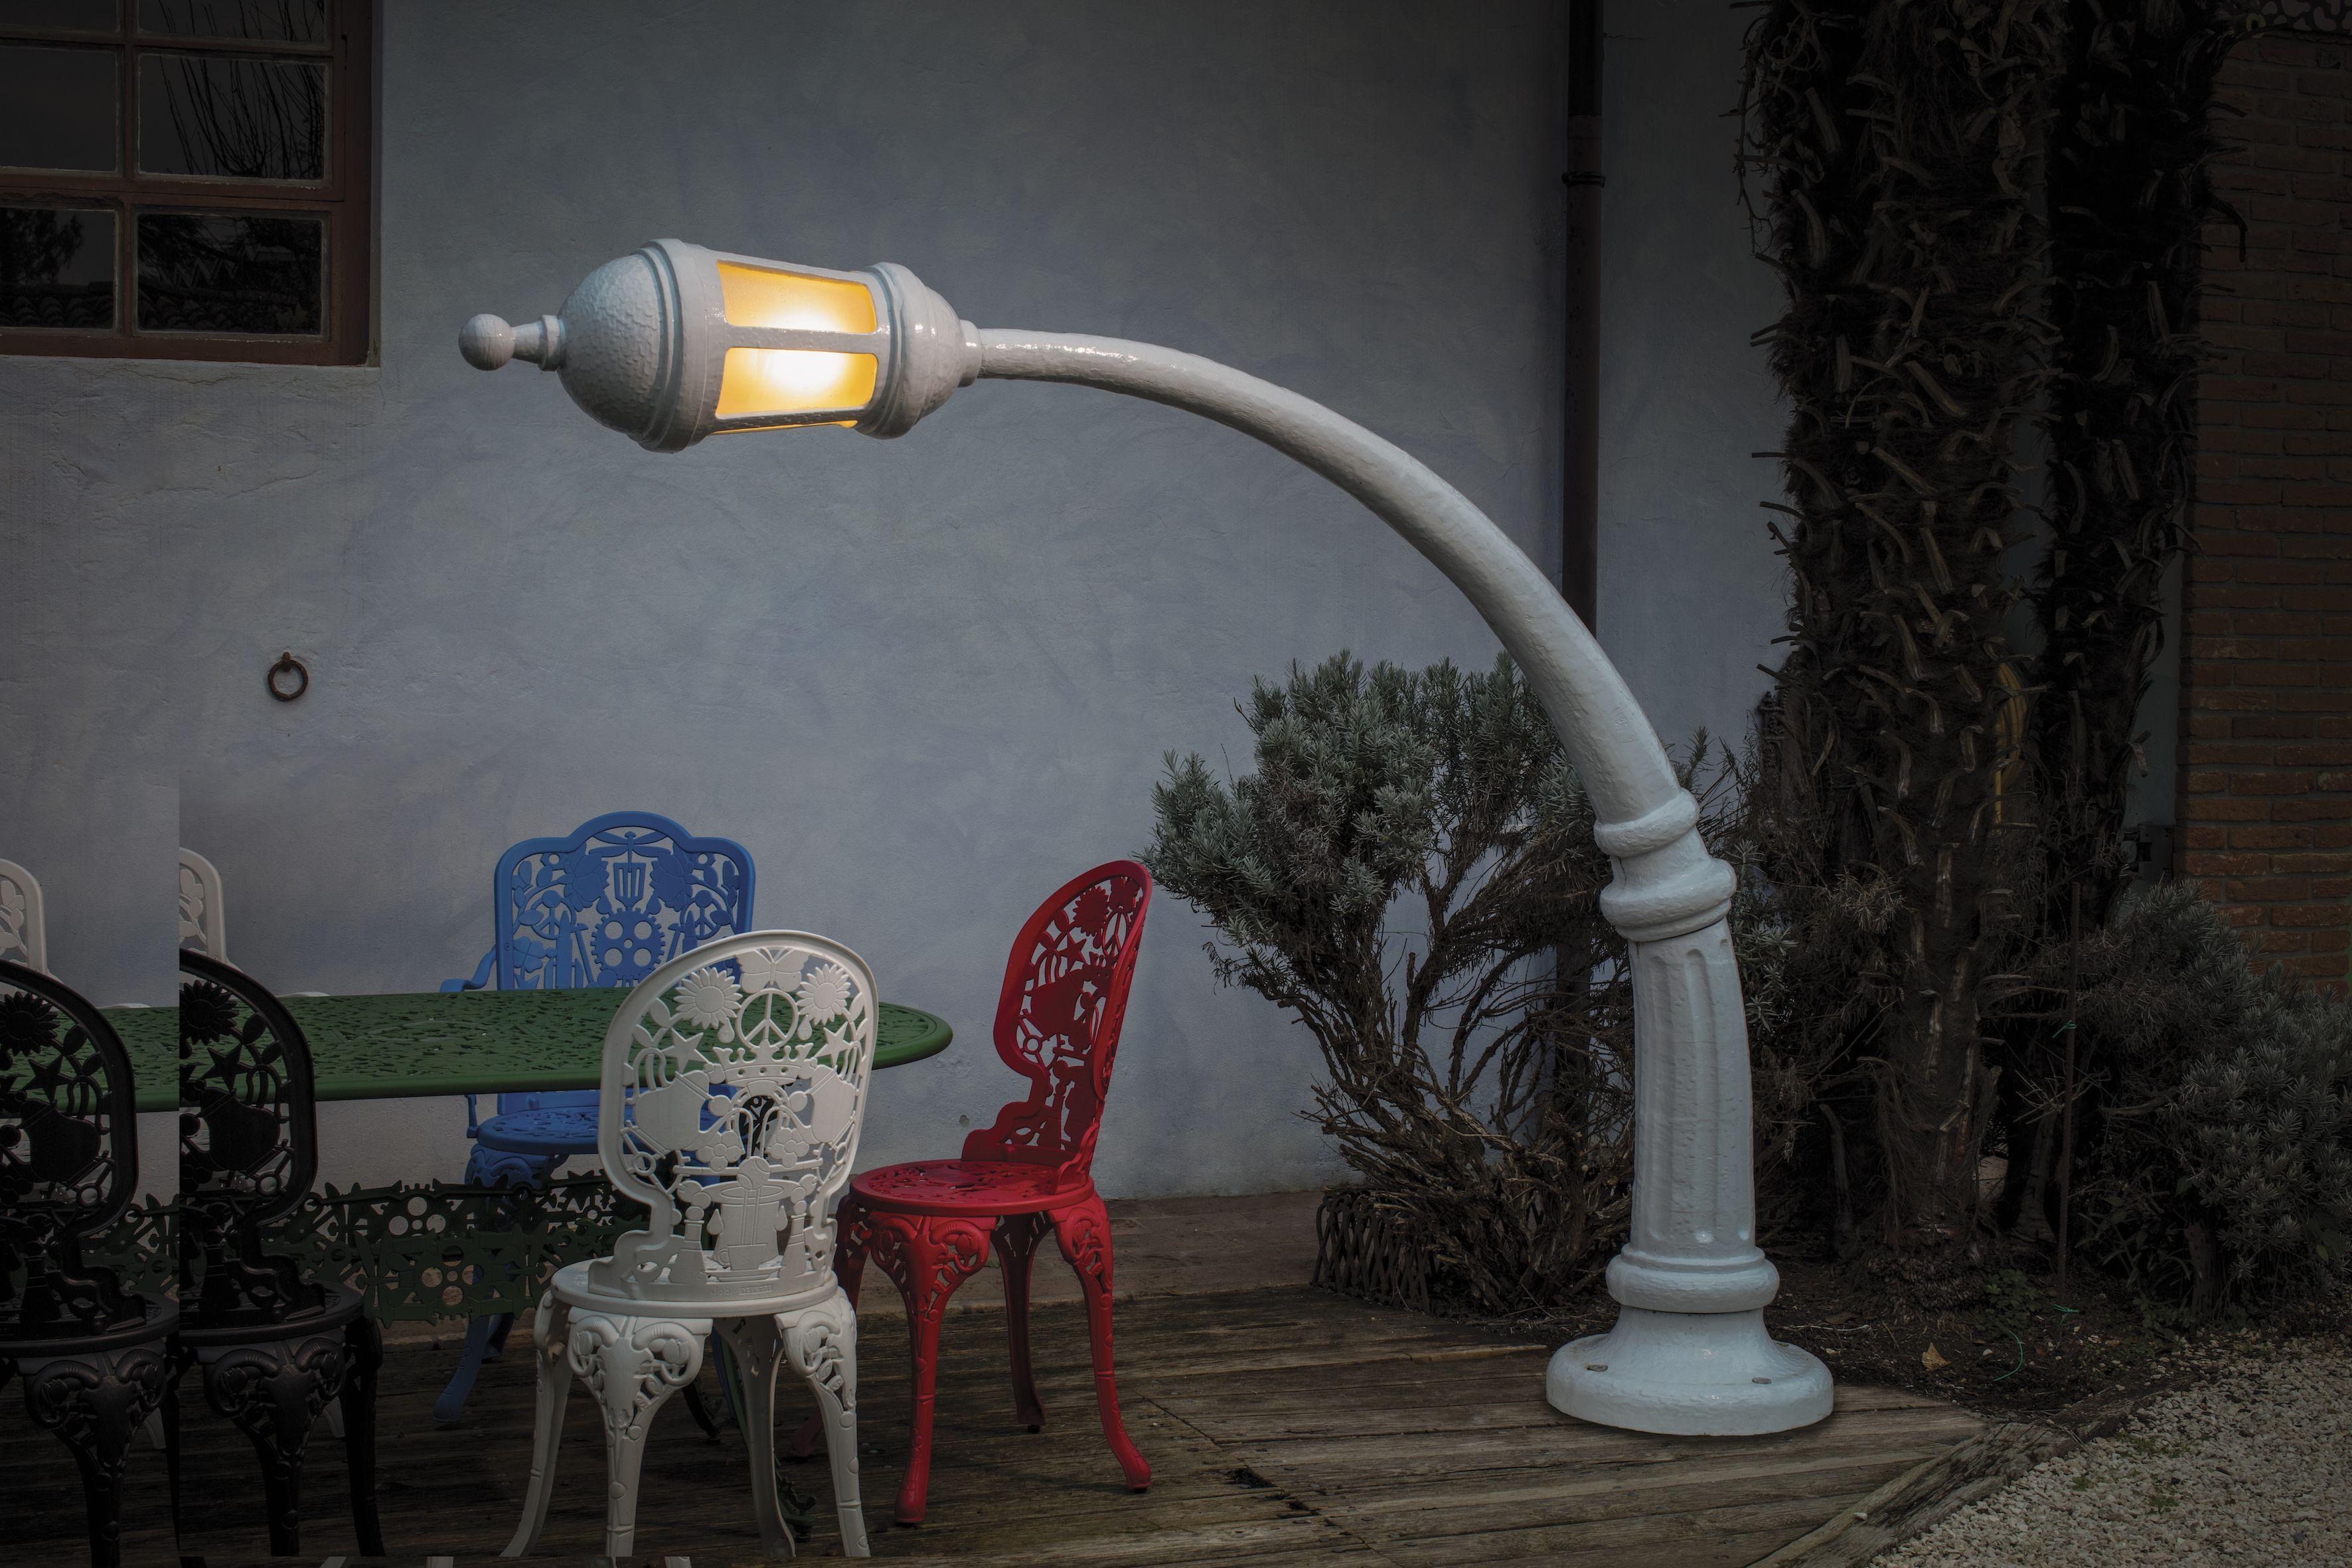 Paolodonadello carpiata lampada da terra per esterni